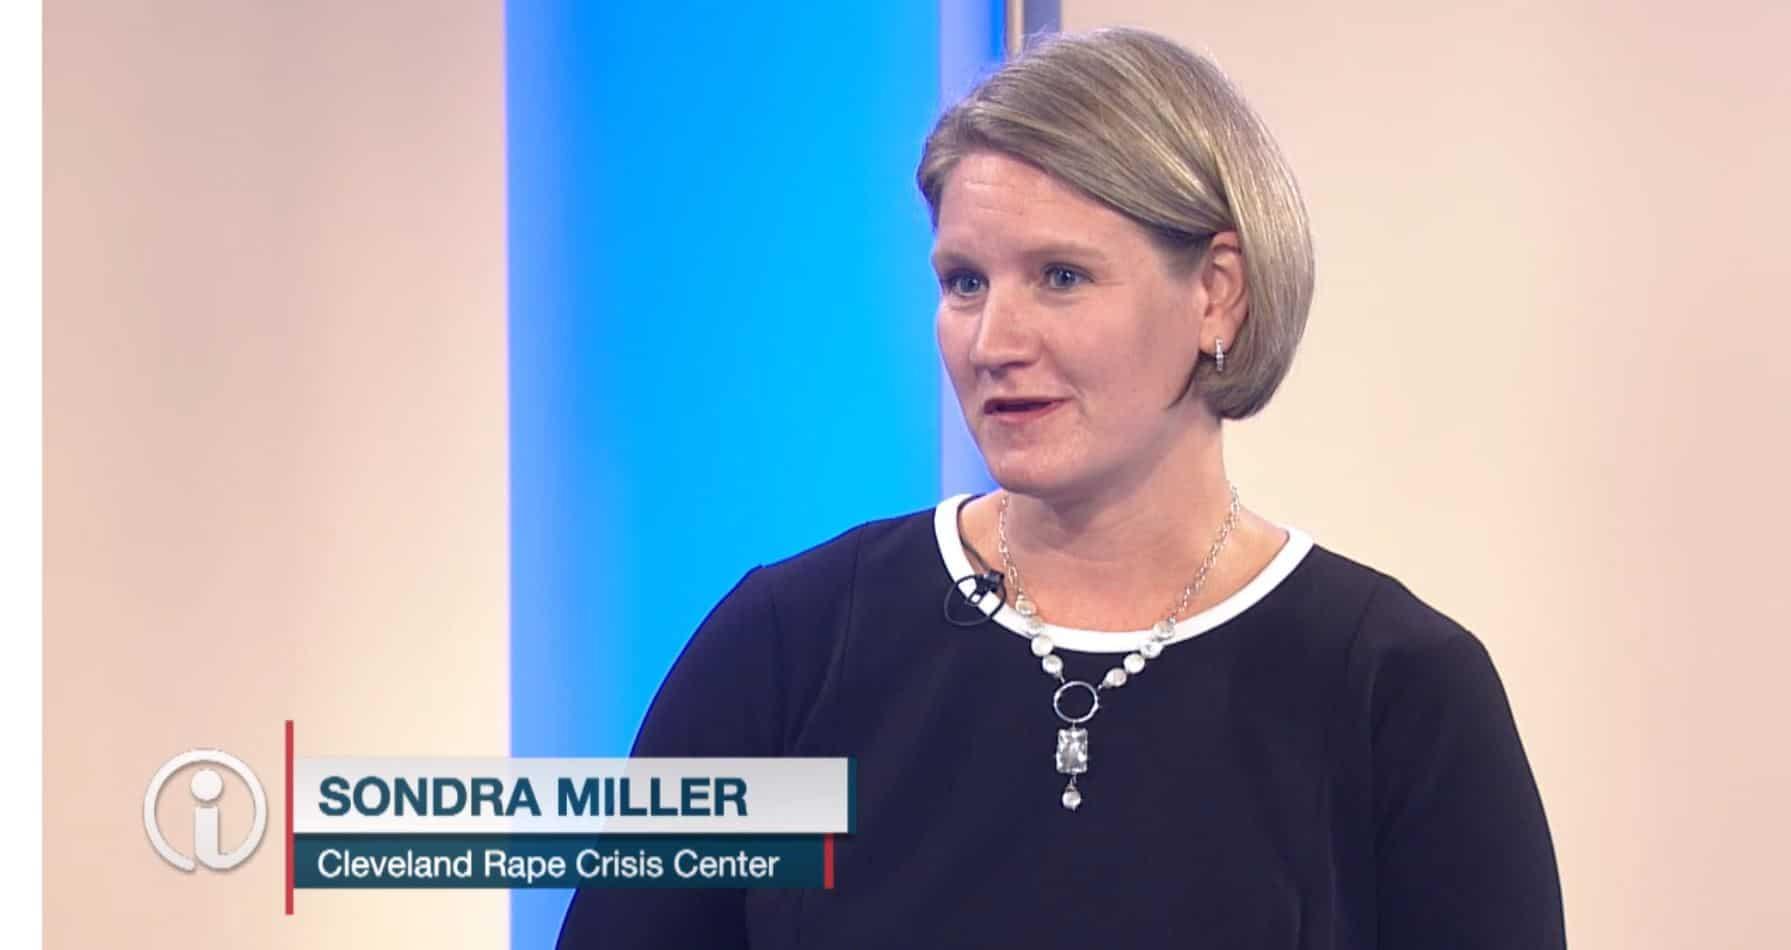 Sondra Miller on ideastream